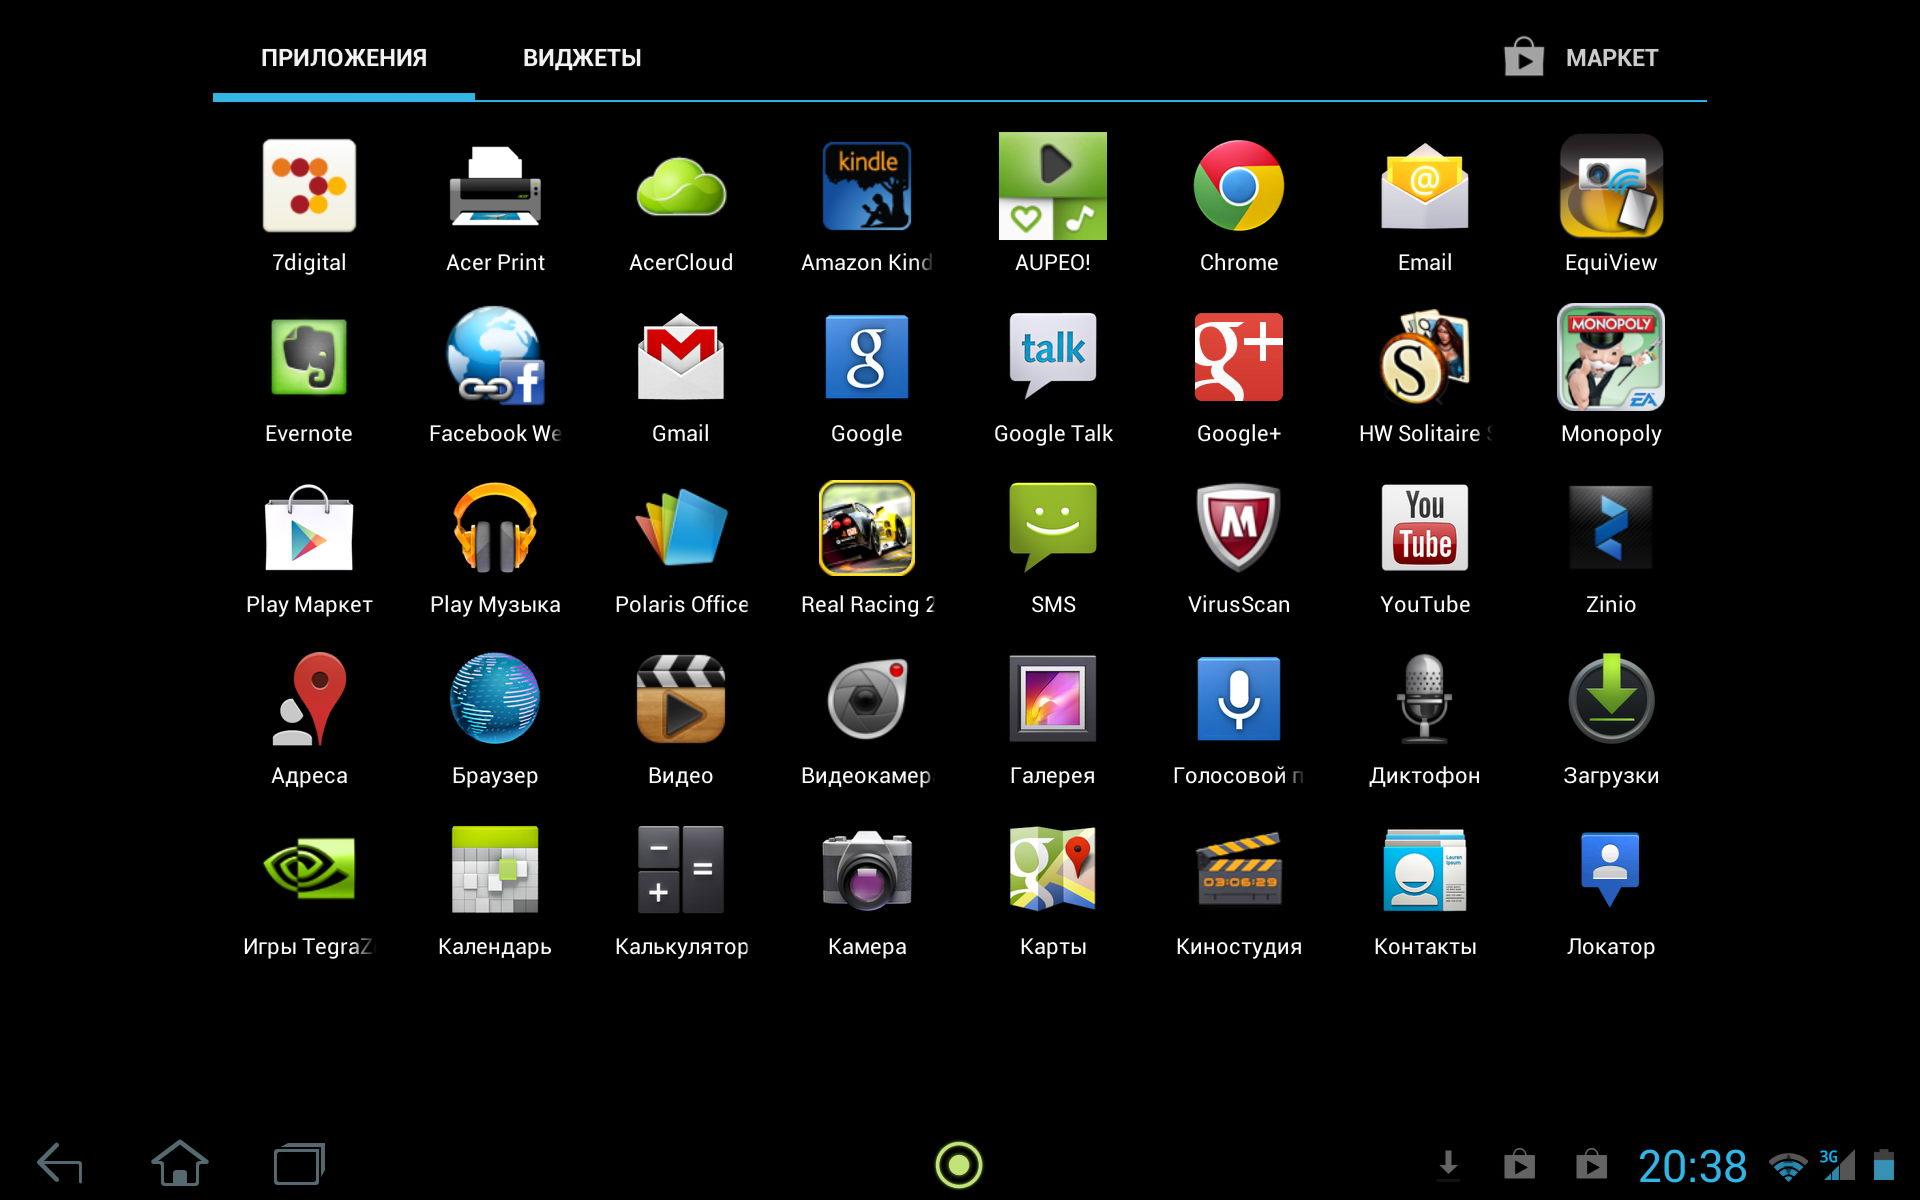 Приложения для андроид 11 фотография